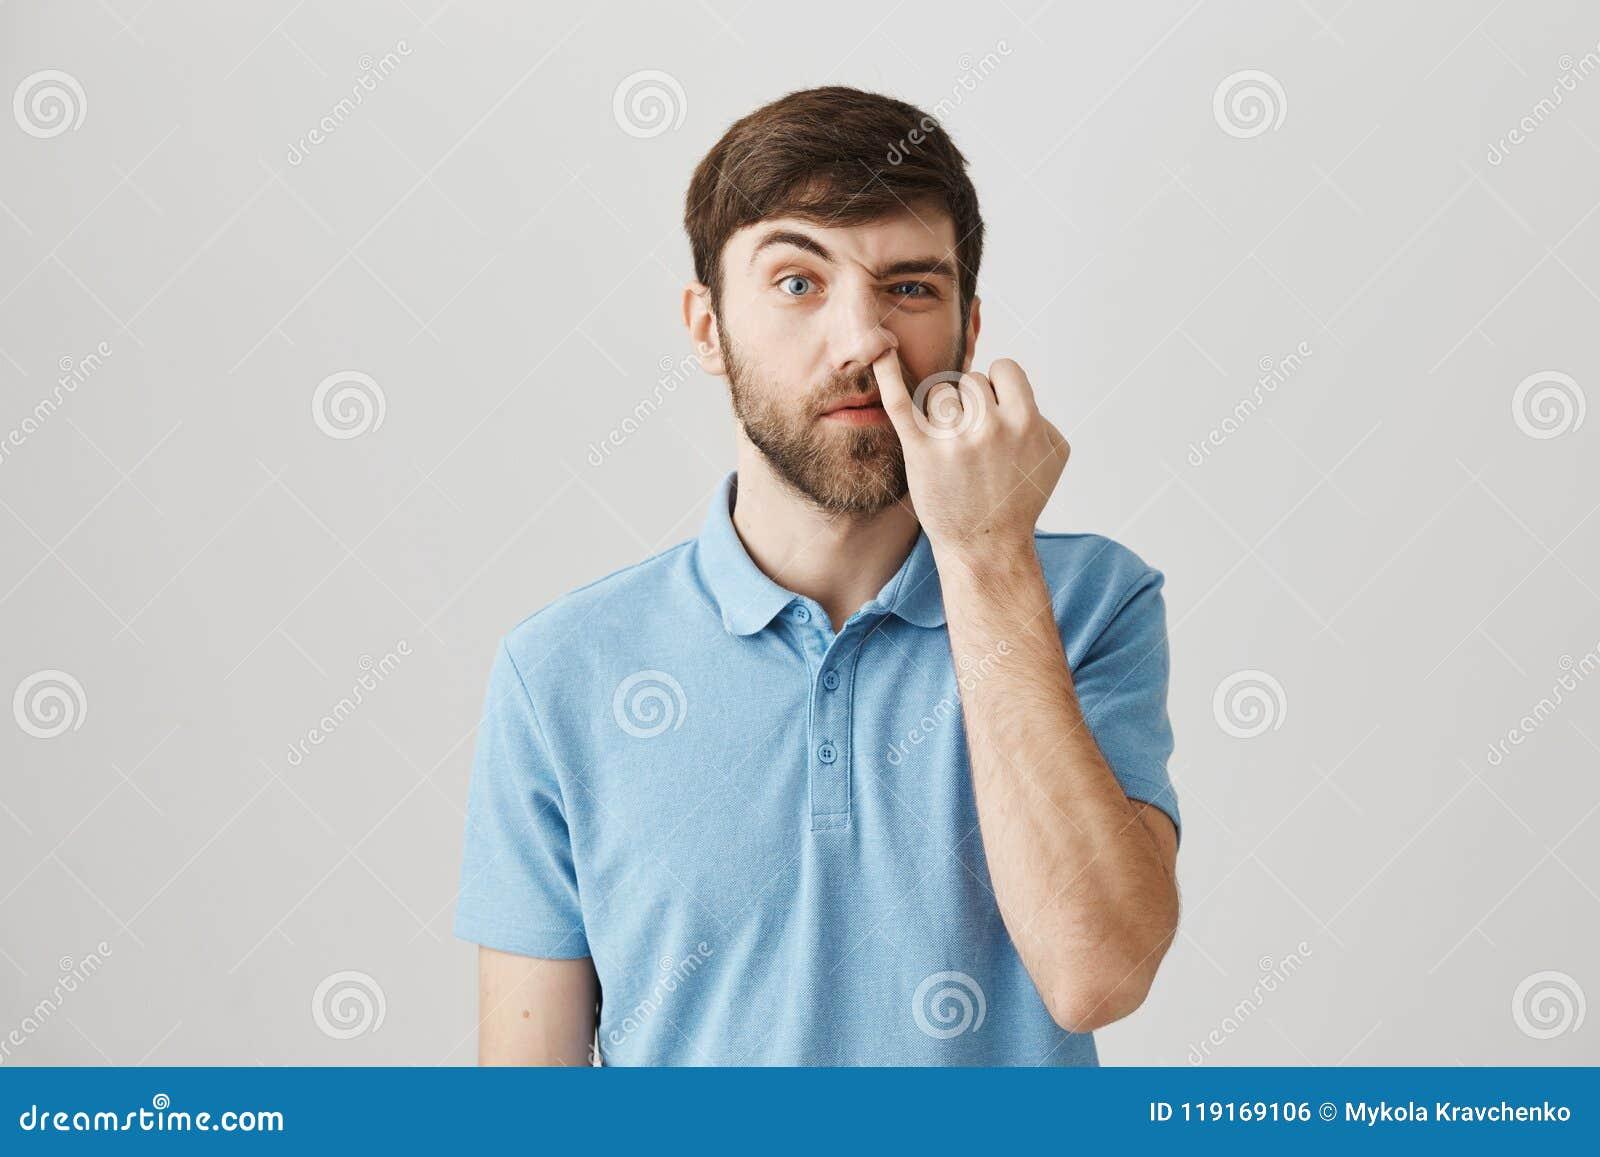 Πορτρέτο του αστείου αγενούς καυκάσιου ατόμου με τη γενειάδα, μύτη επιλογής με ροζ να κοιτάξει επίμονα με το ανυψωμένο φρύδι στη